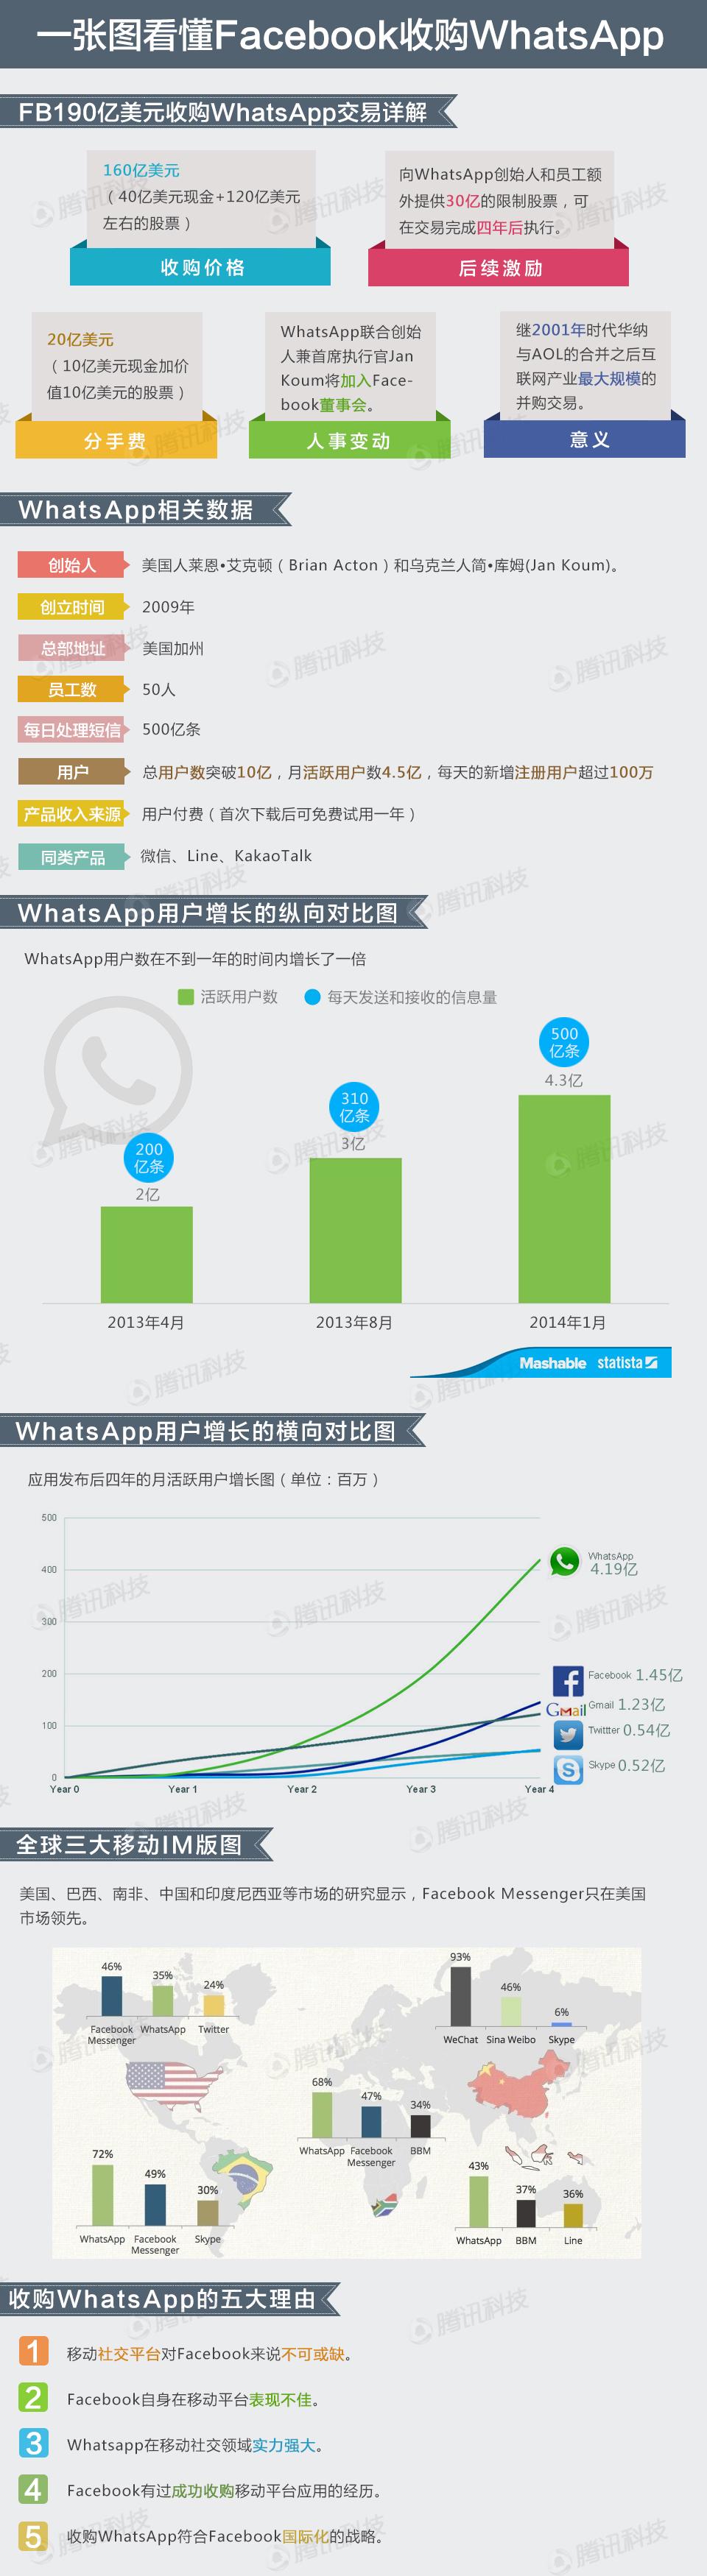 信息图第230期――一张图看懂Facebook收购WhatsApp